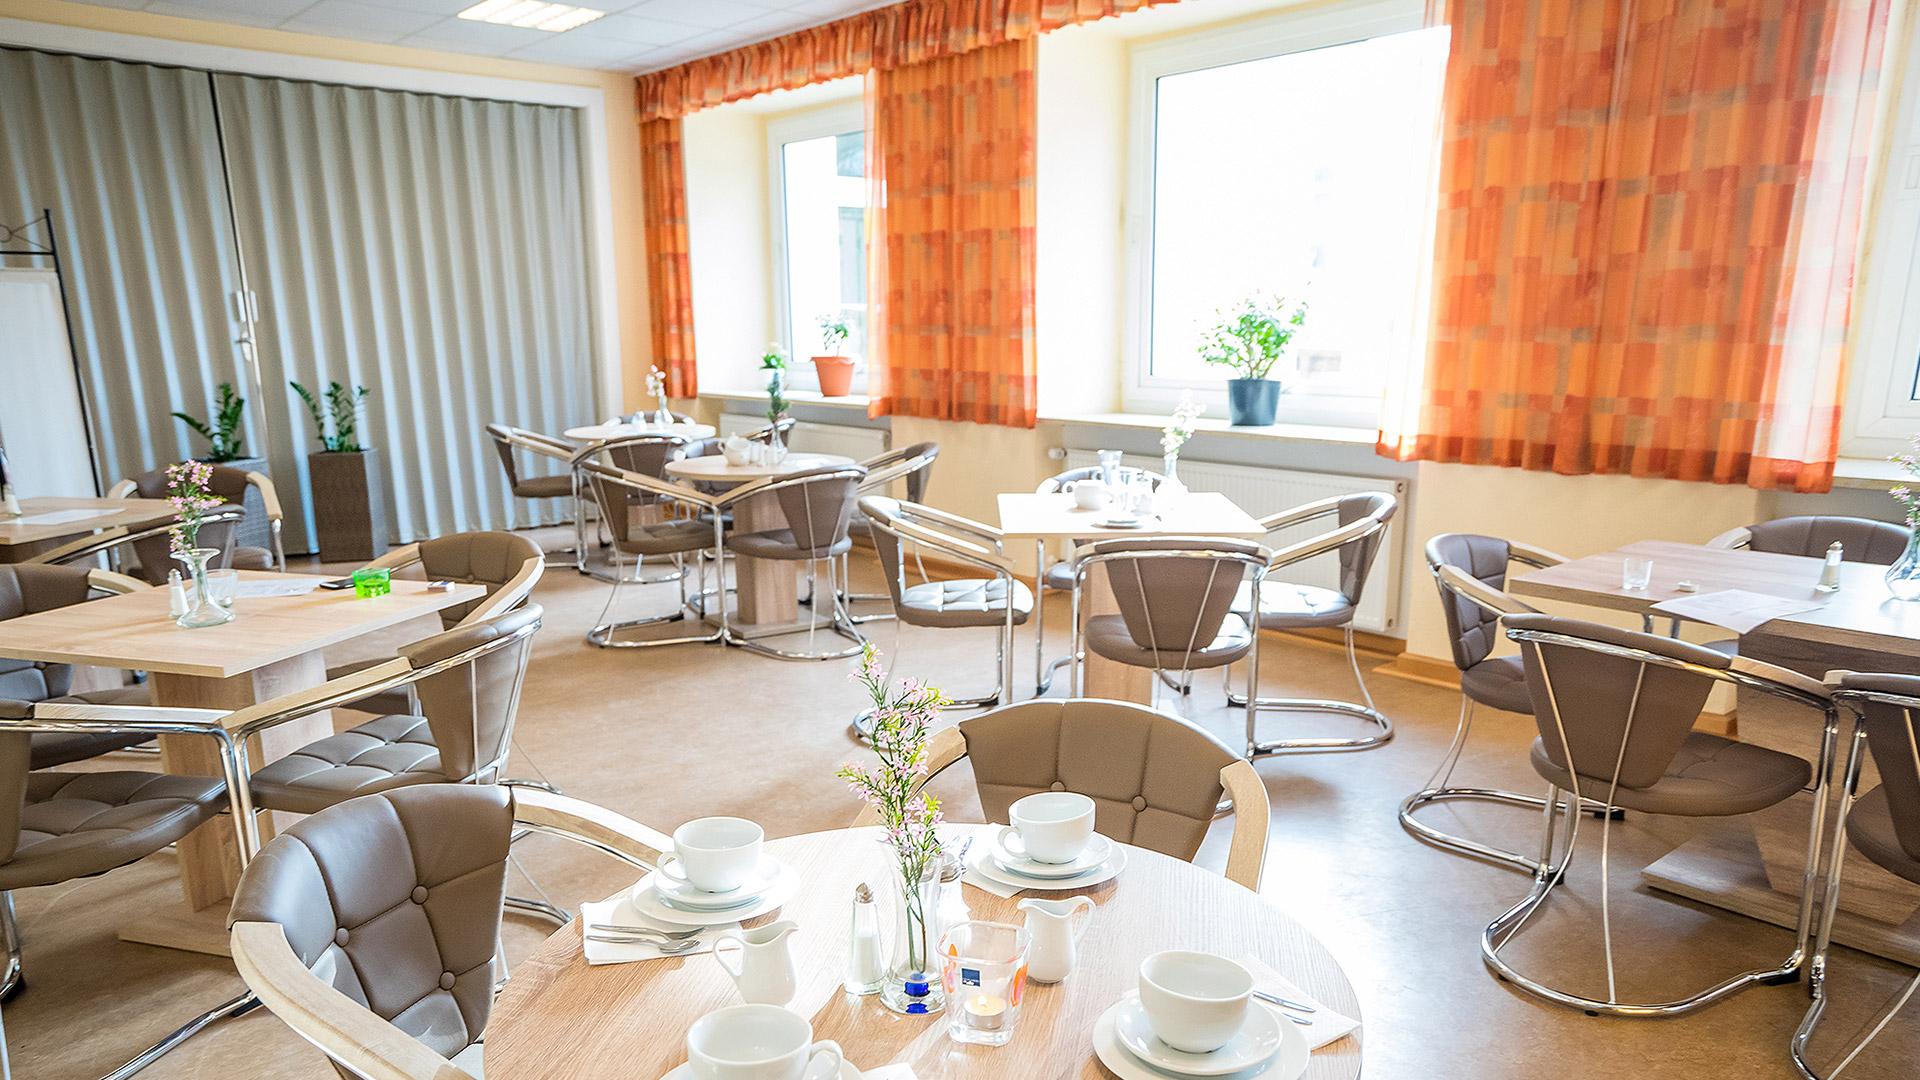 Cafe Frühstück in Bad Oeynhausen